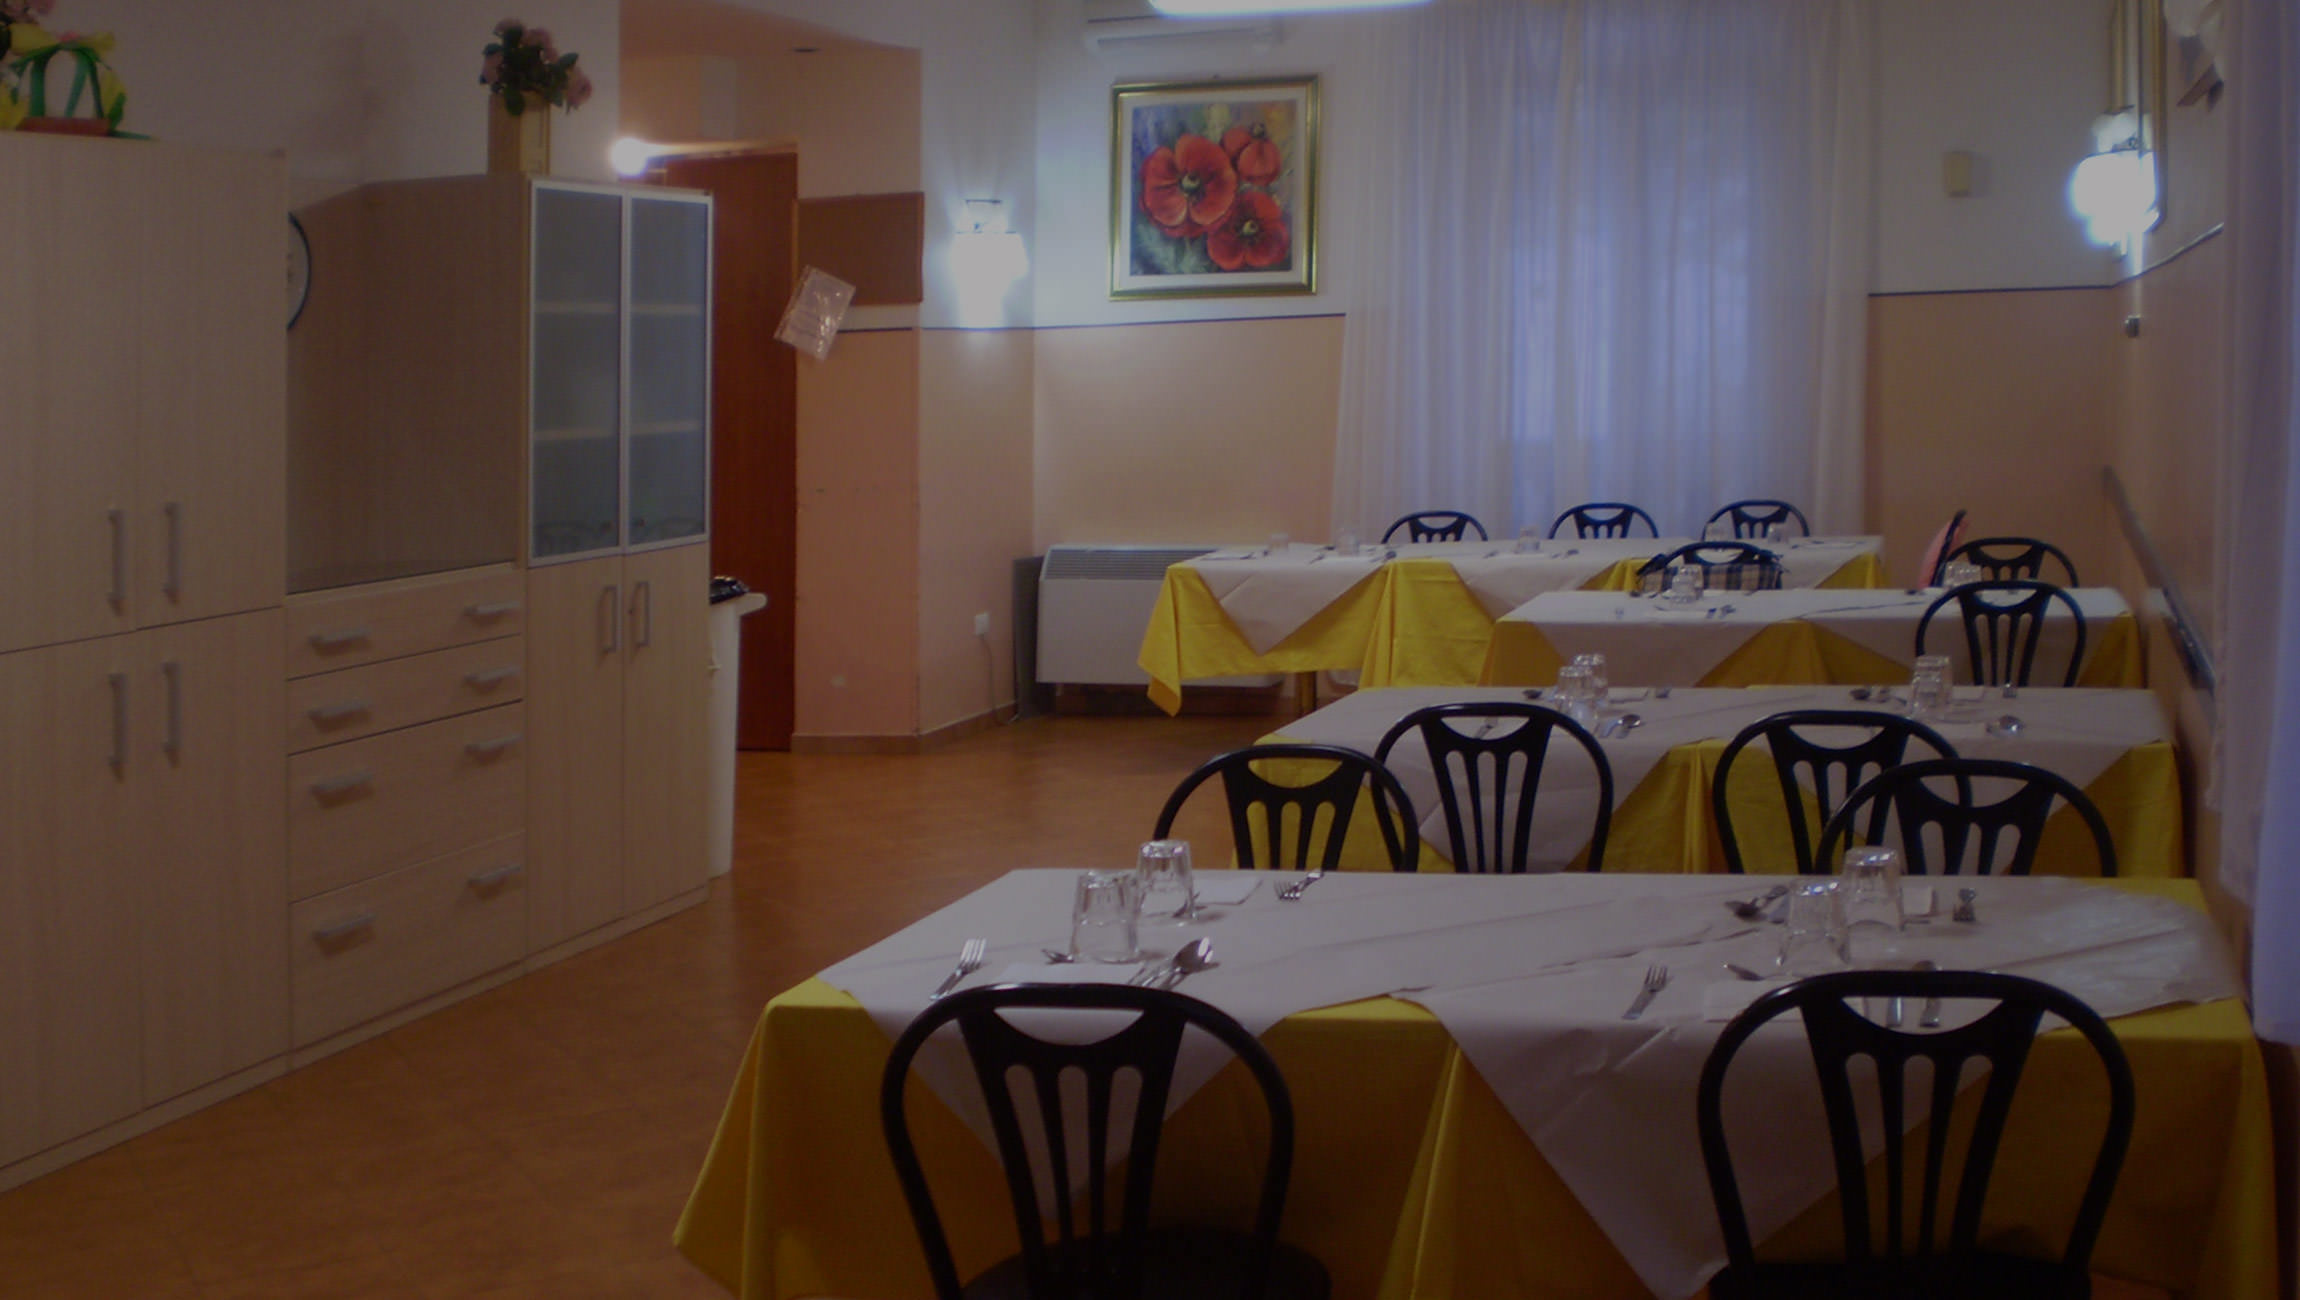 Casa di Riposo a Castel San Pietro Terme vicino a Bologna